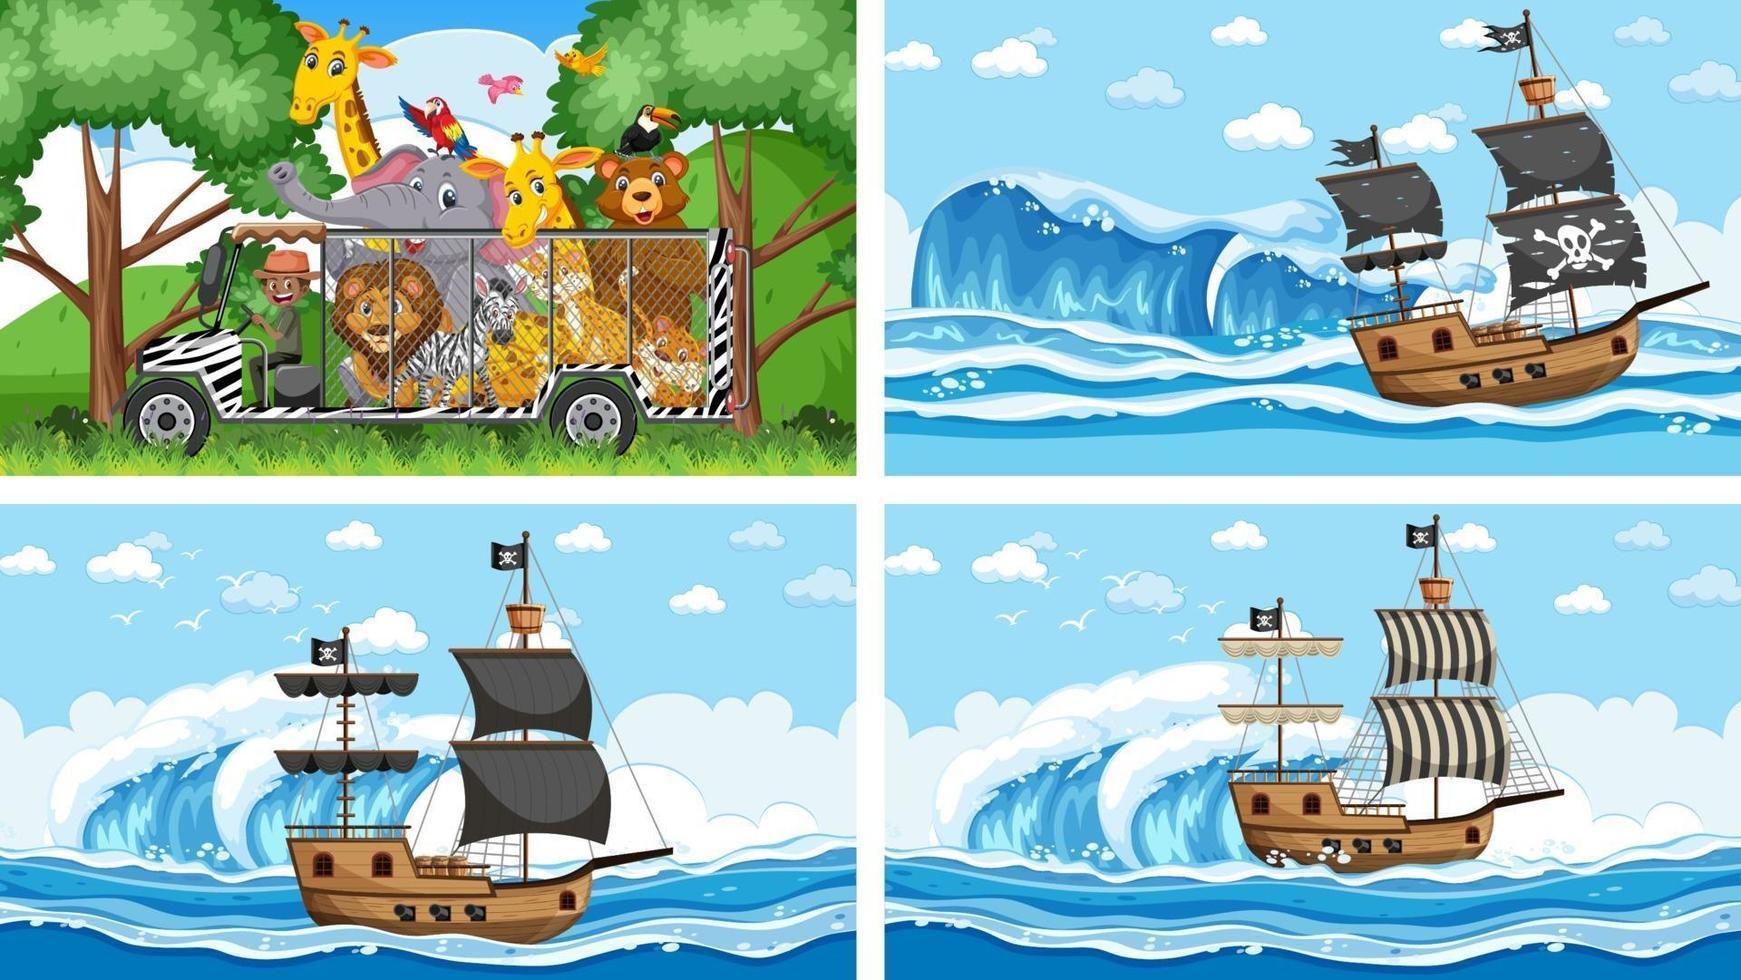 conjunto de cenas diferentes com navio pirata no mar e animais no zoológico vetor